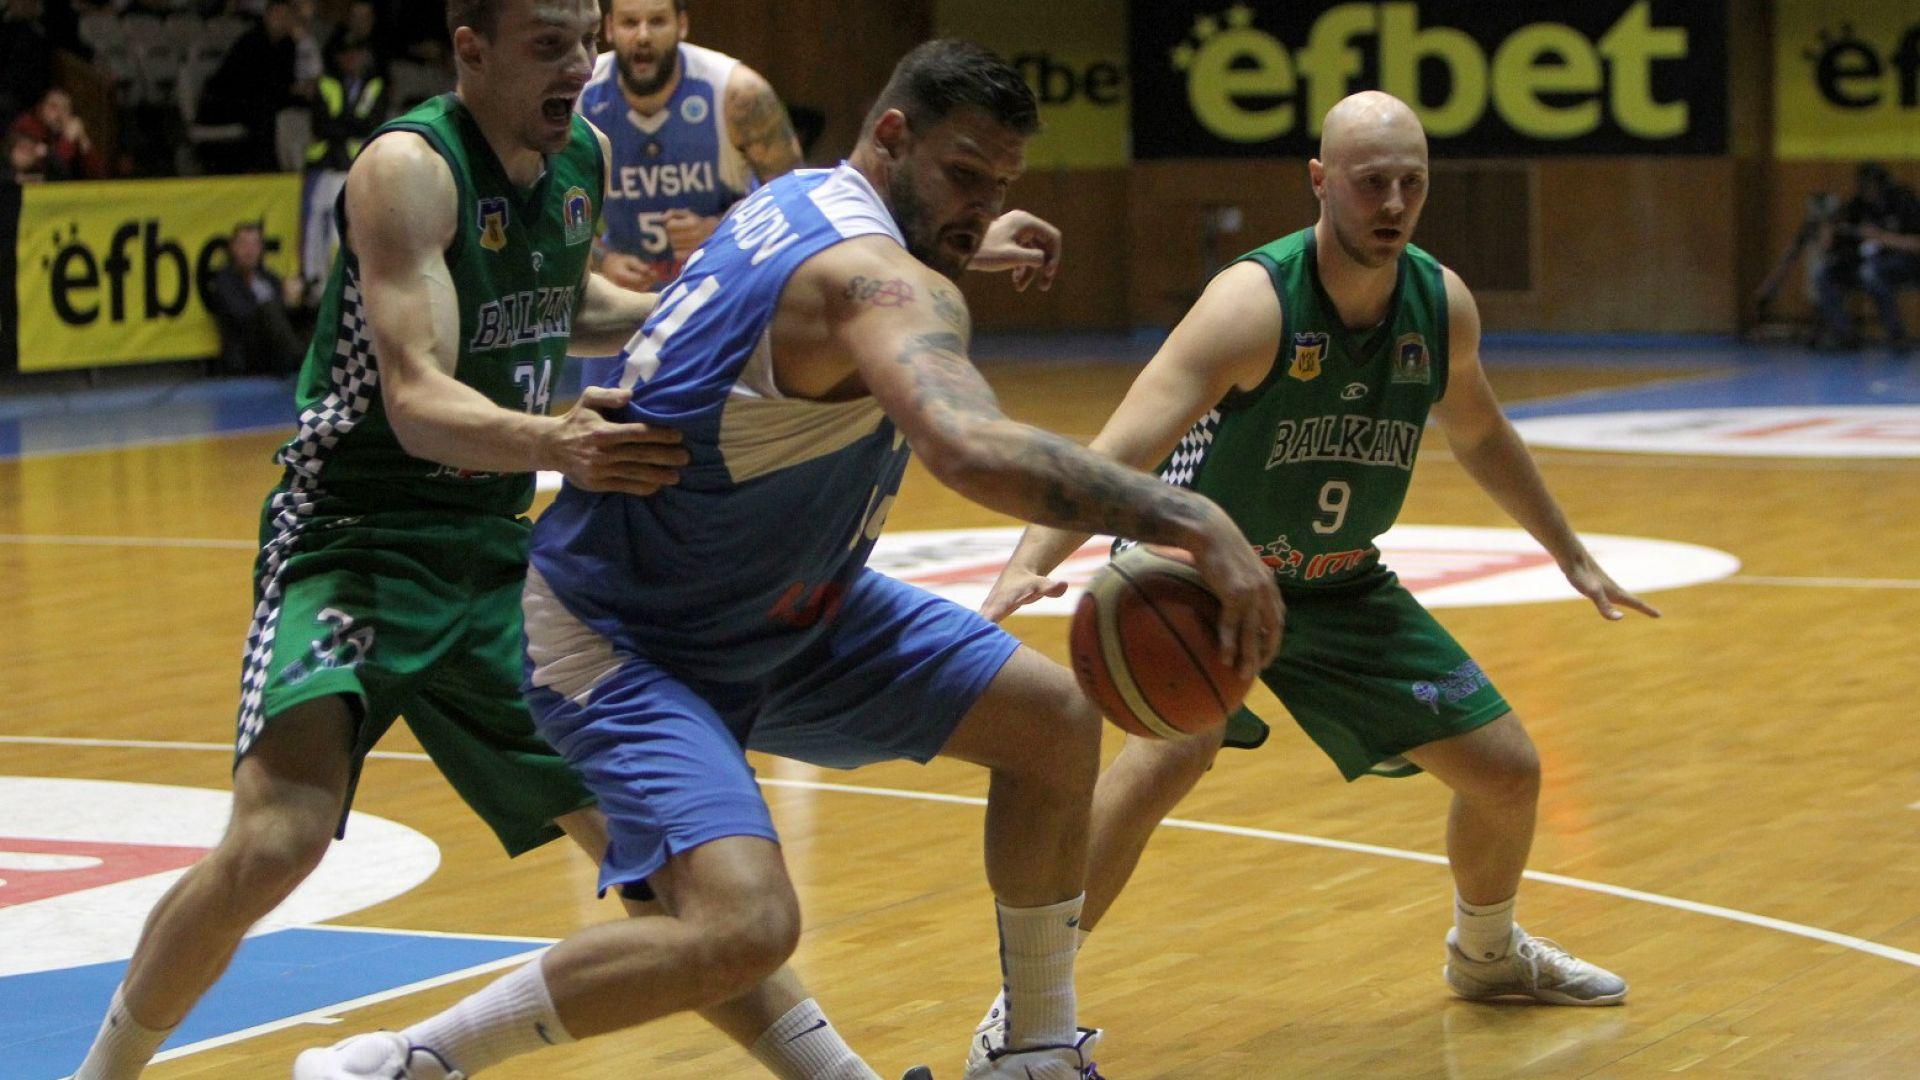 Левски Лукойл удари първи на баскетболния финал